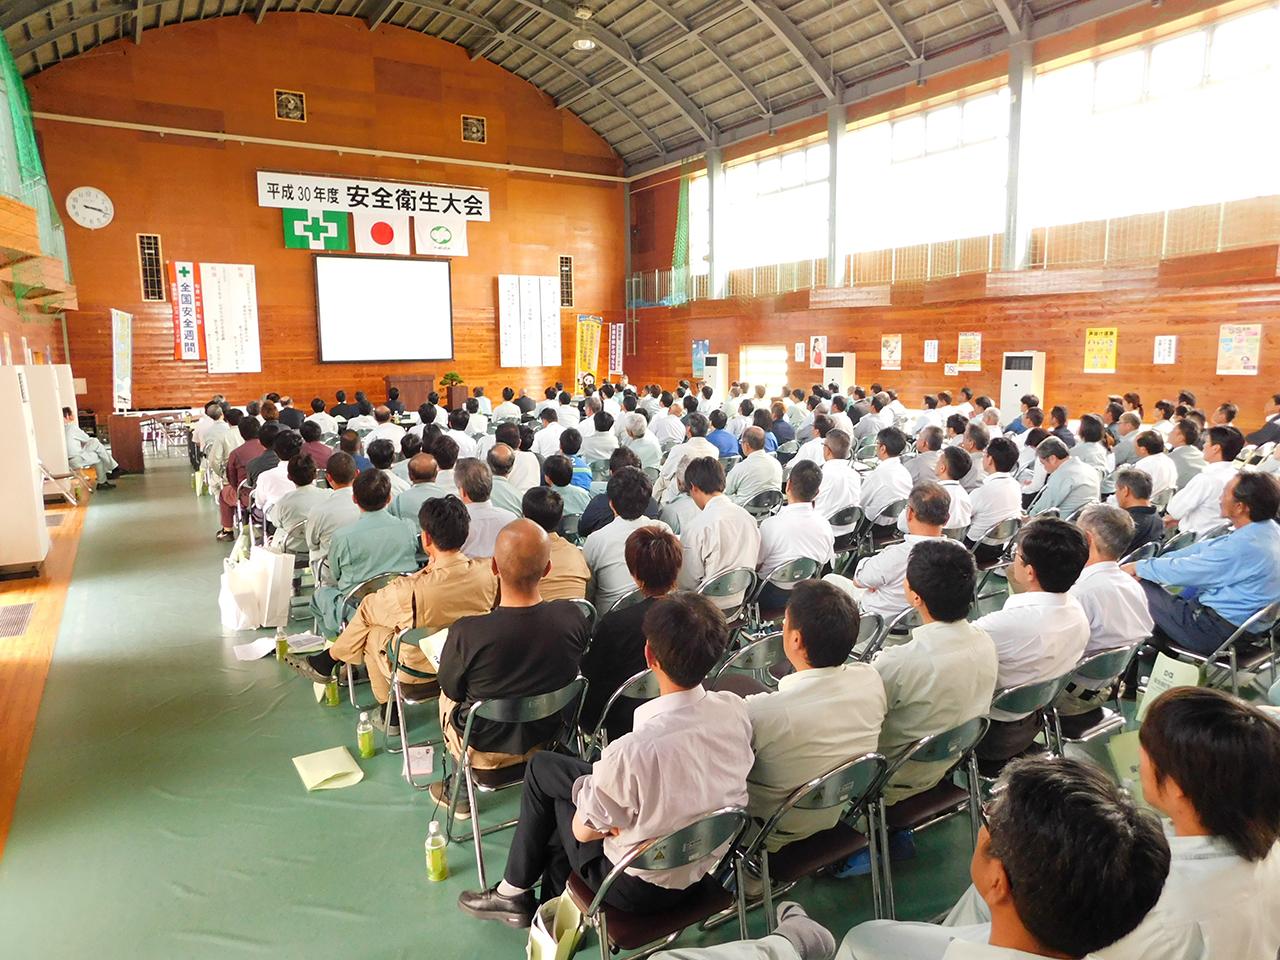 「フクダグループ安全衛生大会」を開催しました。